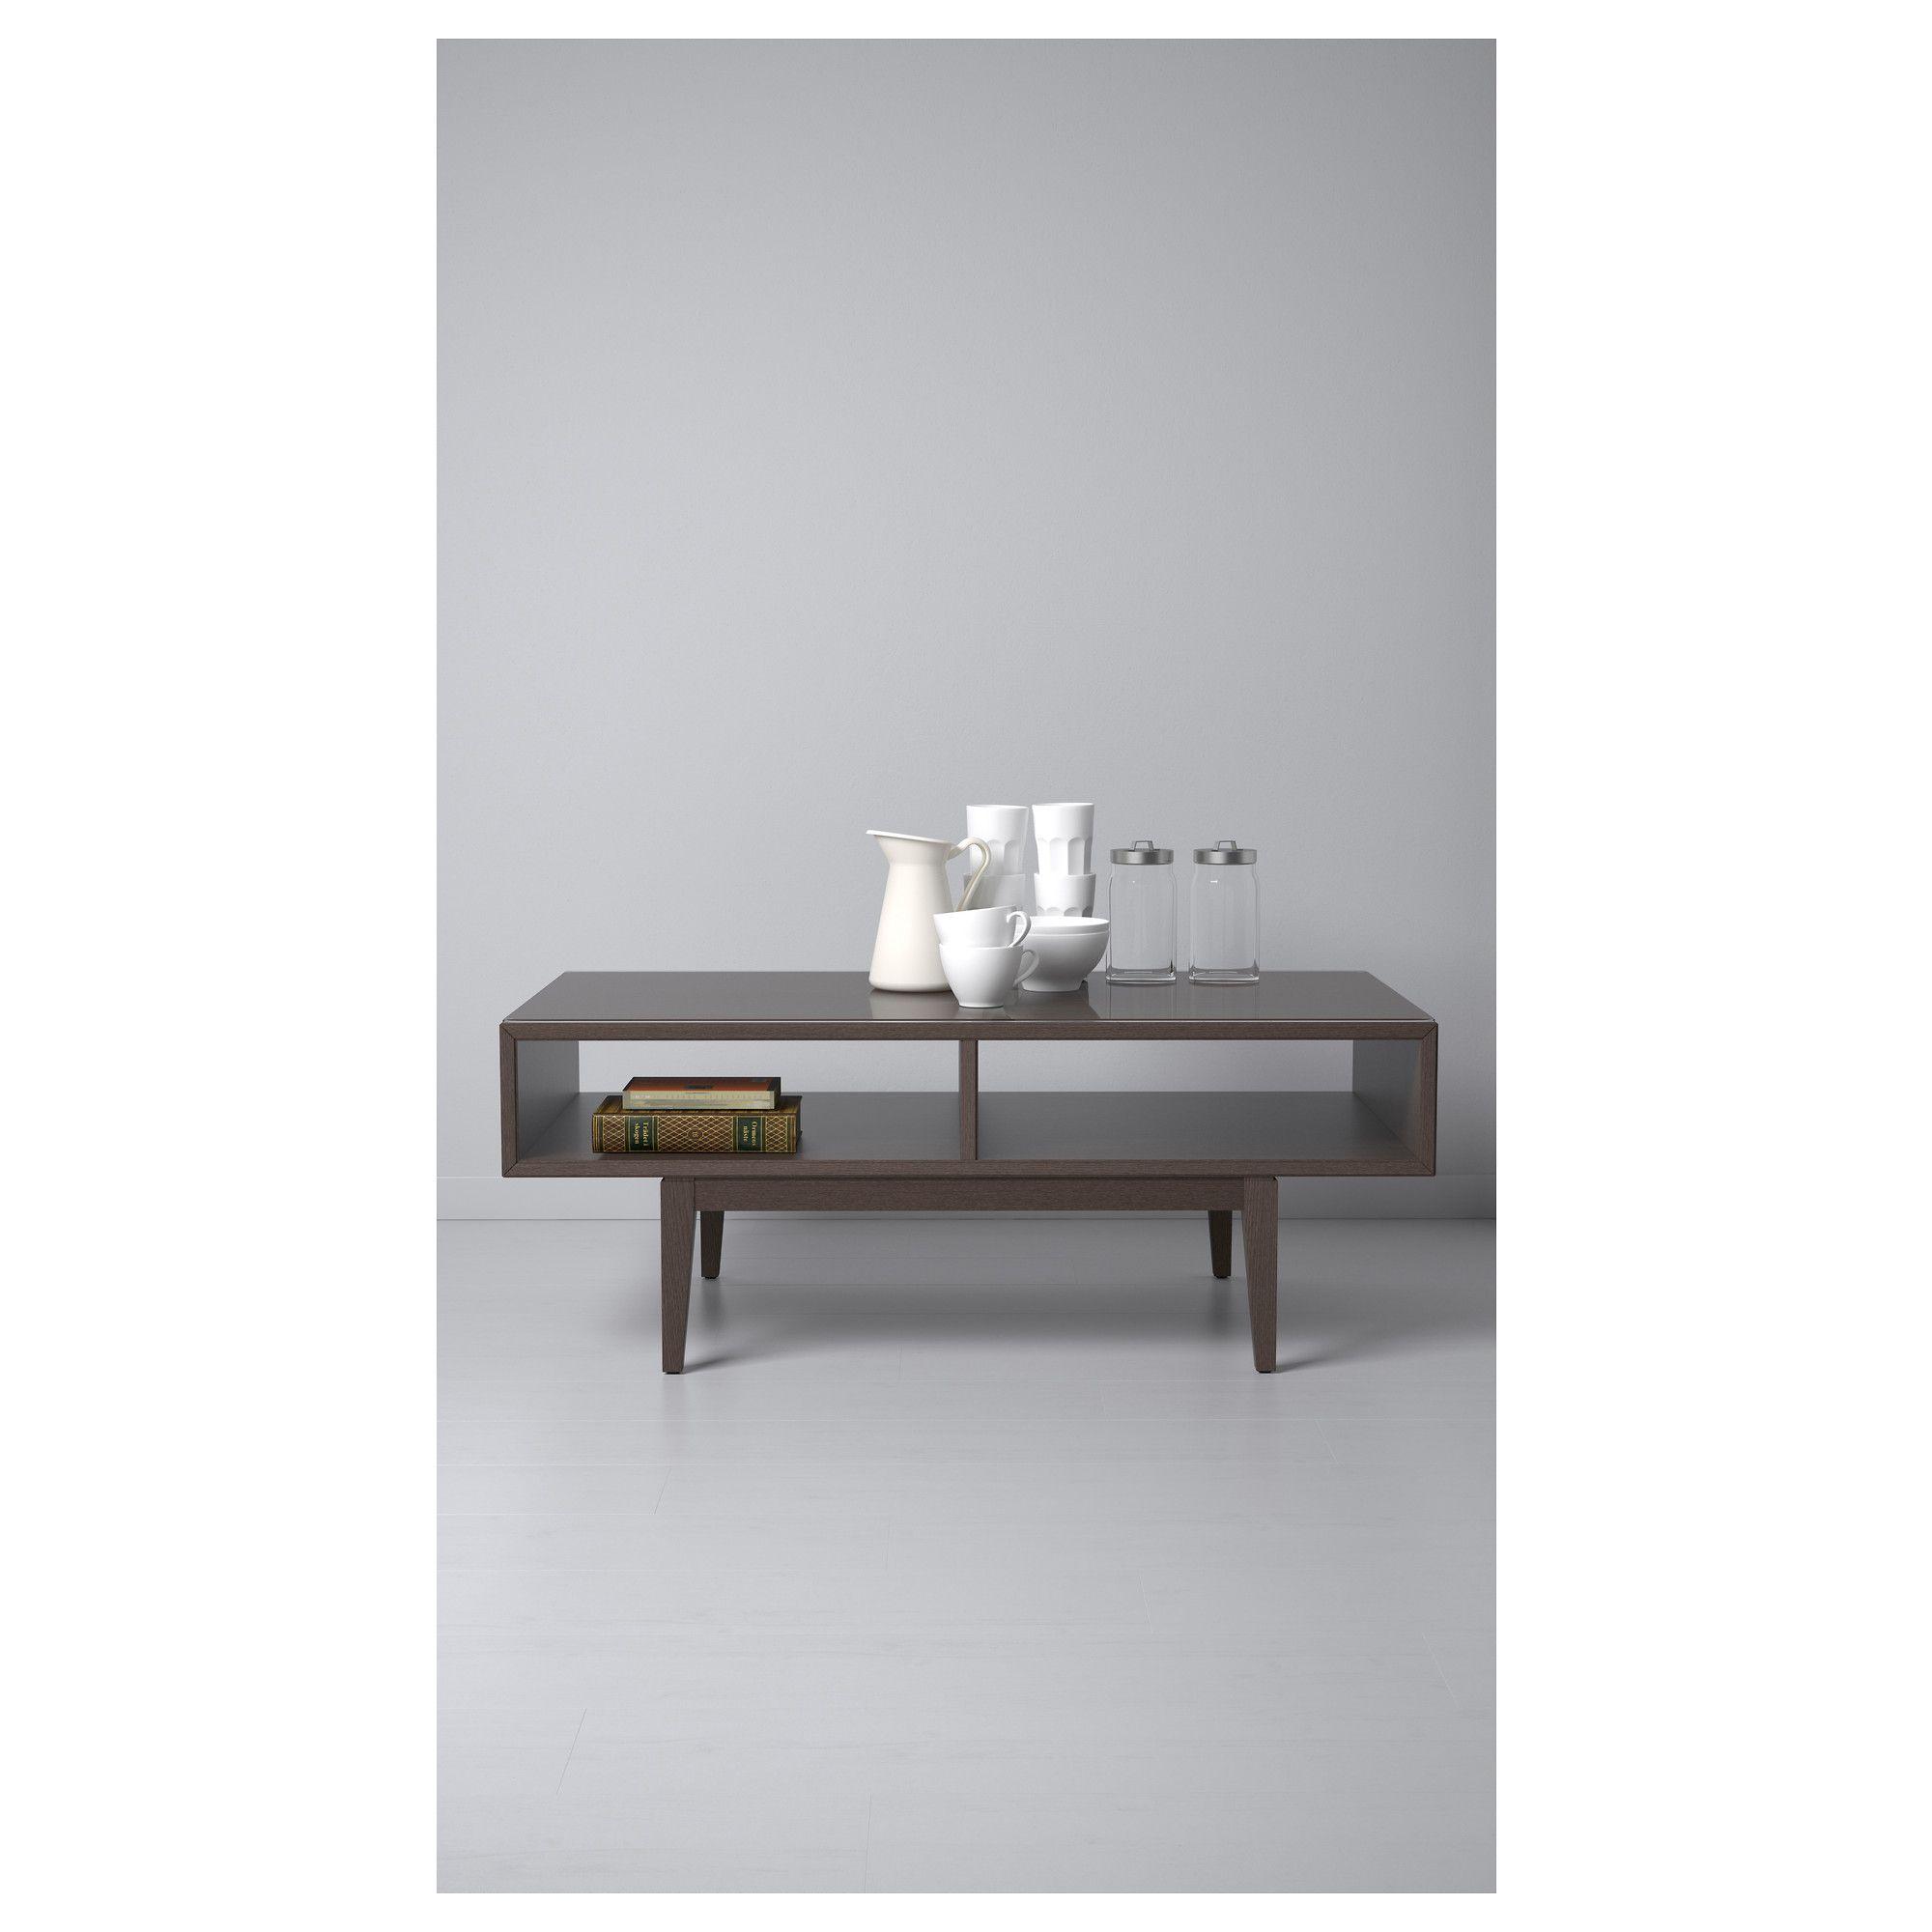 Ikea Mid Century Modern Coffee Table: REGISSÖR Coffee Table - IKEA